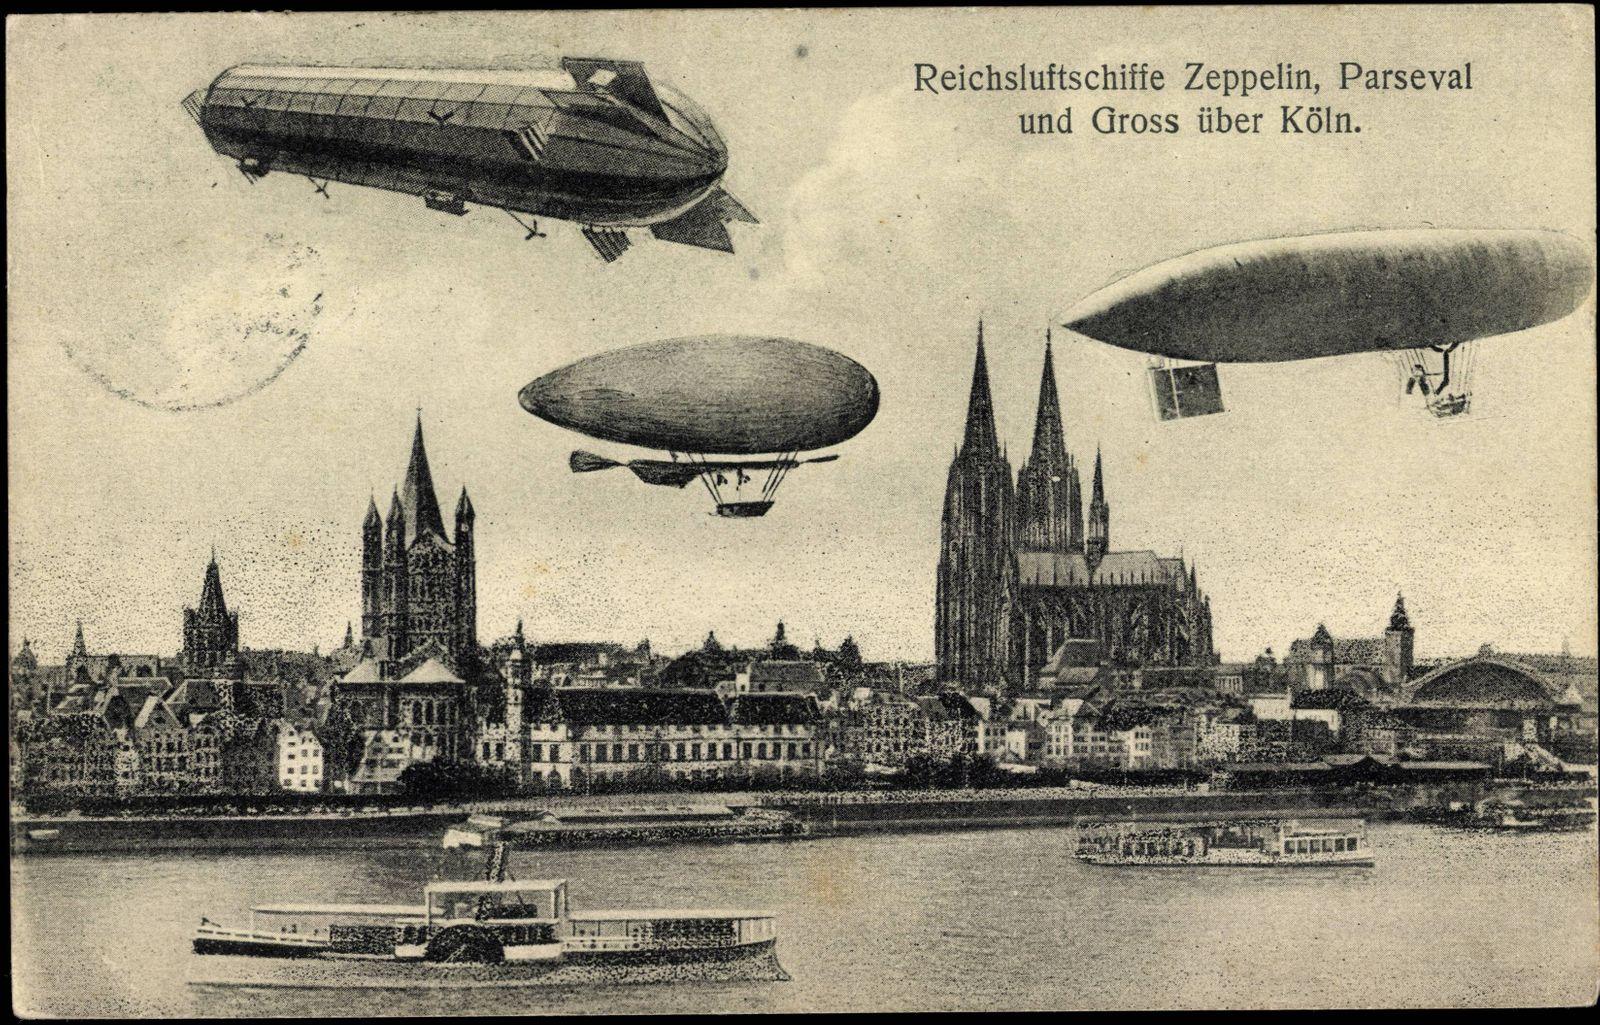 Köln Reichsluftschiffe Zeppelin Parseval Gross